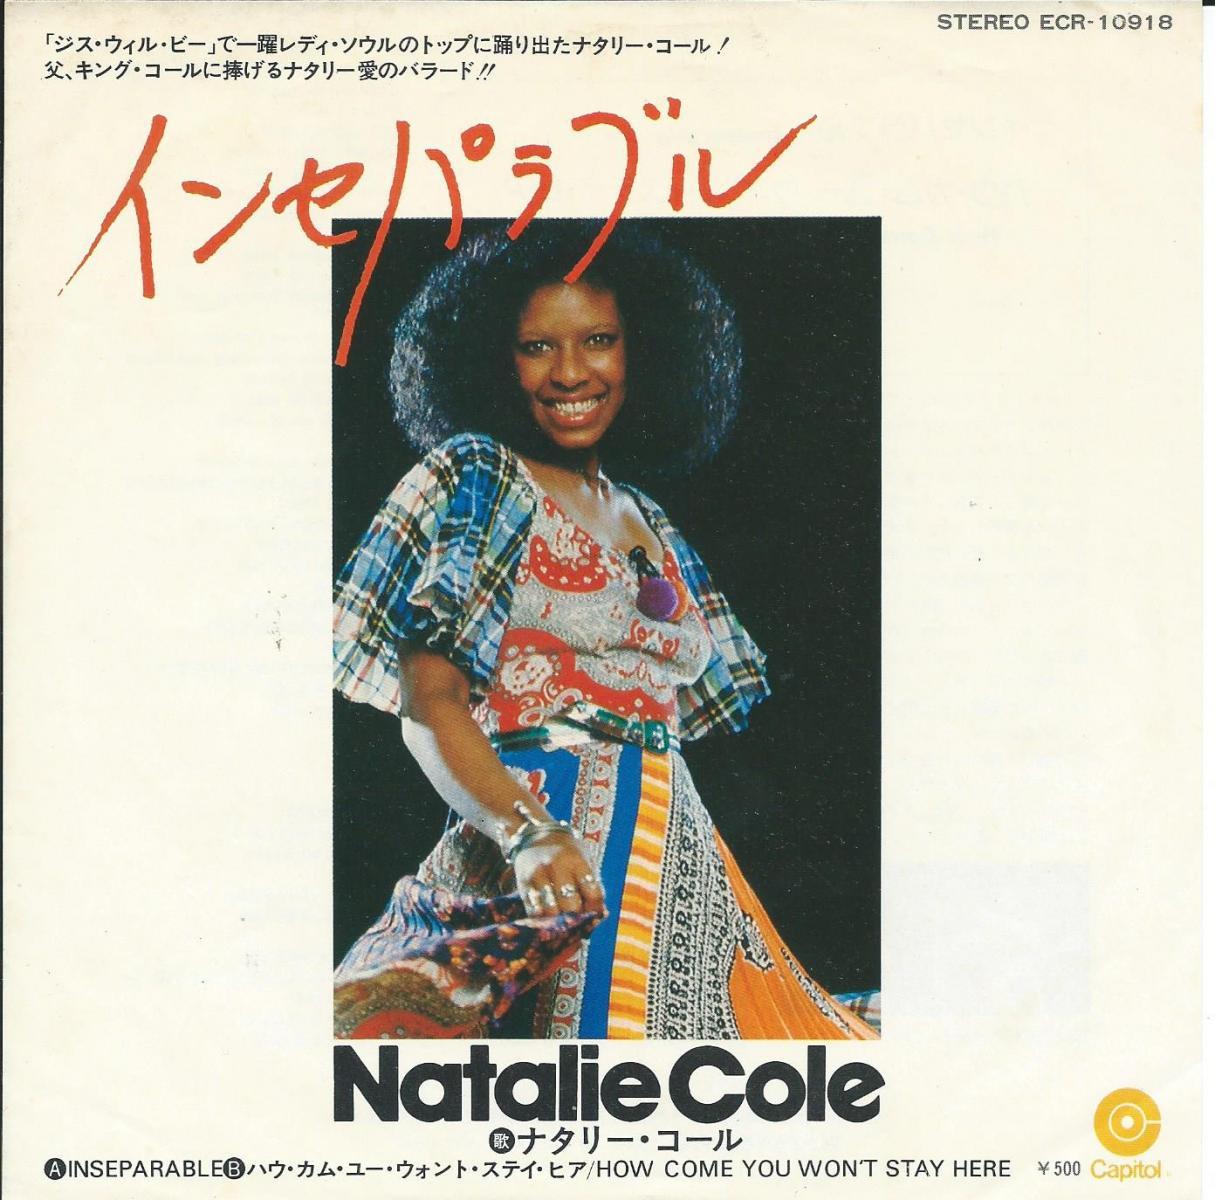 ナタリー・コール NATALIE COLE / インセパラブル INSEPARABLE / ハウ・カム・ユー・ウォント・ステイ・ヒア HOW COME YOU WON'T STAY HERE (7